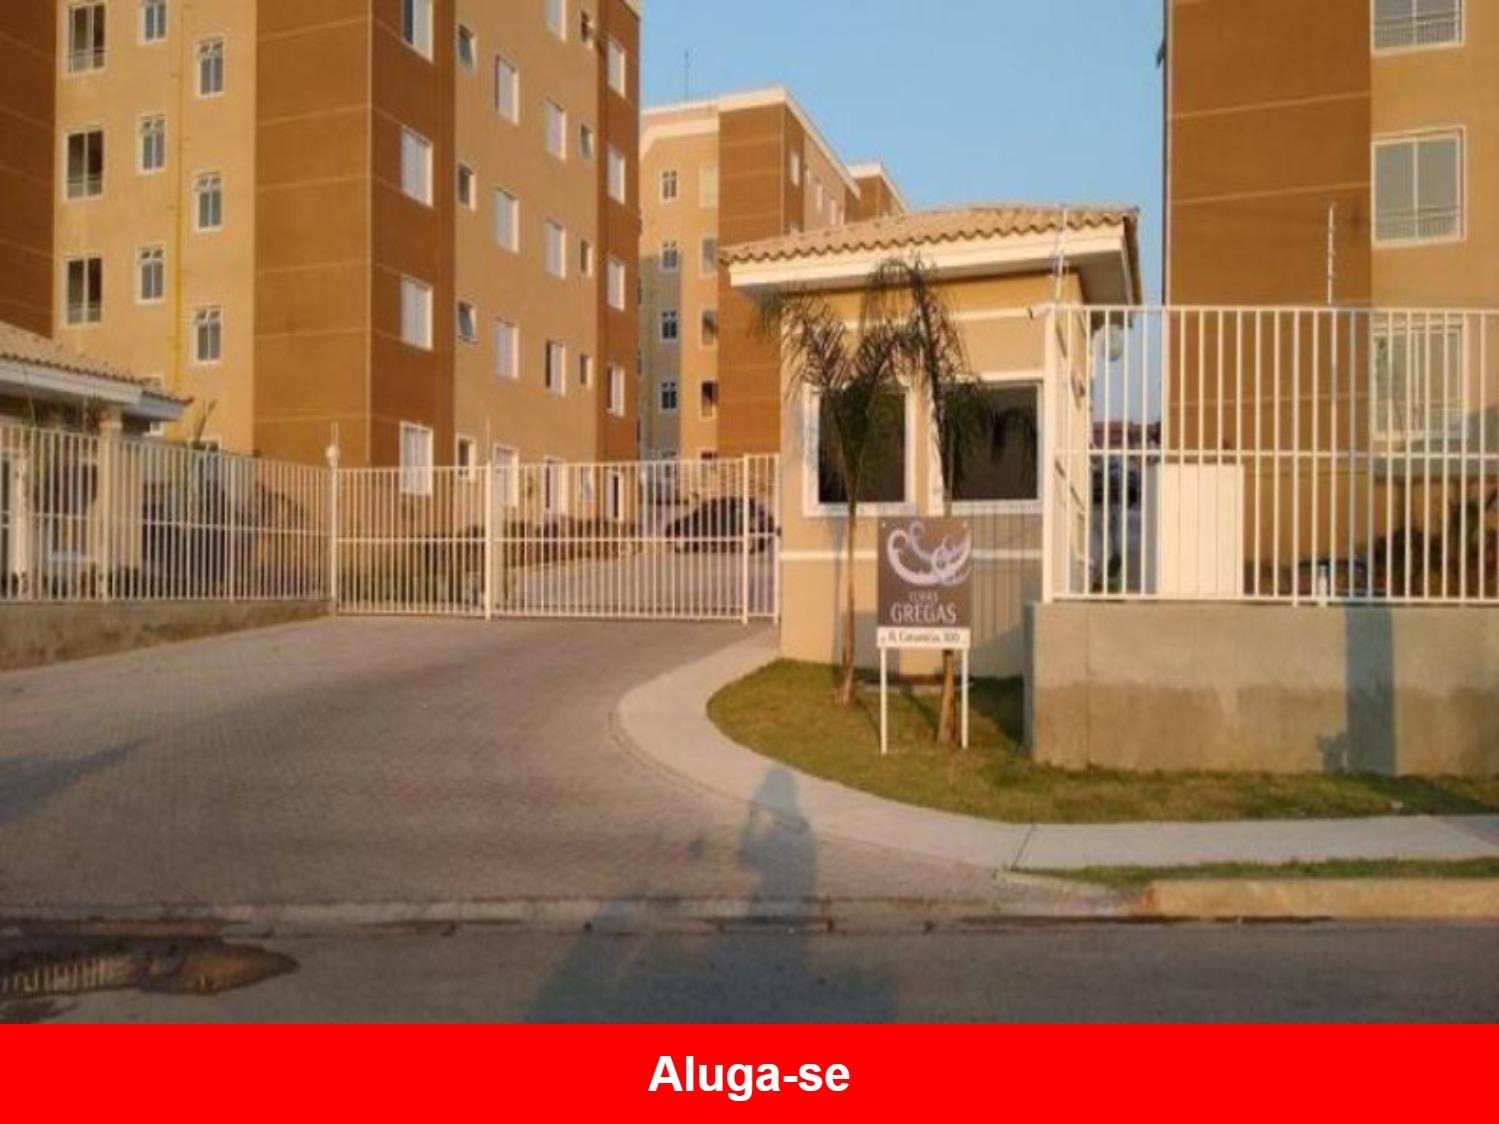 Aluga-se Apartamento no Residencial Ilhas Gregas, Sorocaba - SP